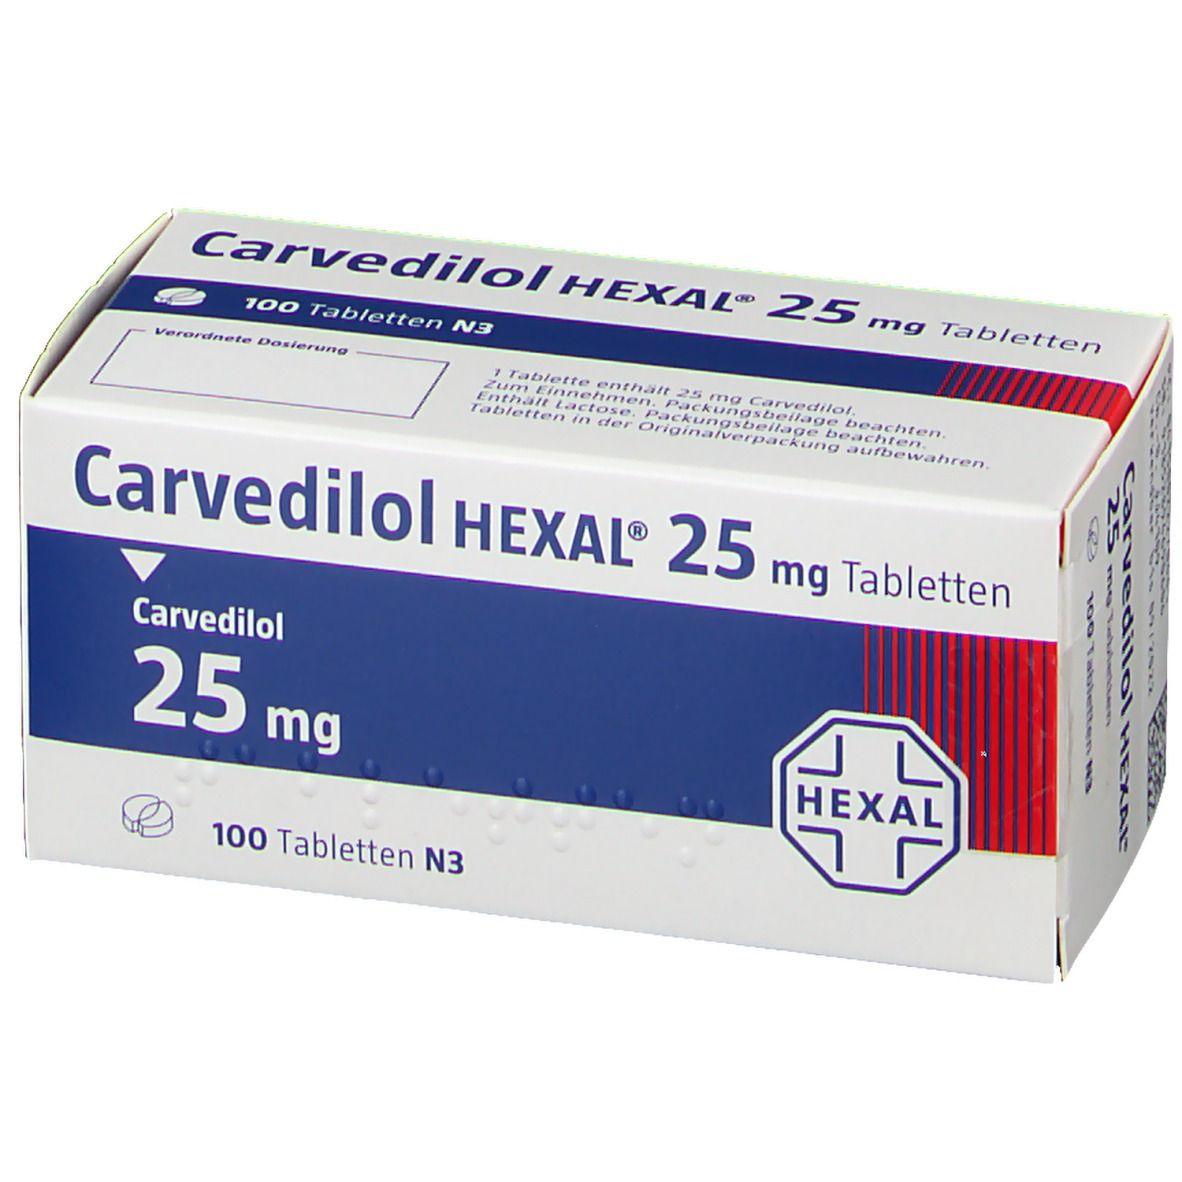 Carvedilol HEXAL® 25 mg Tabletten